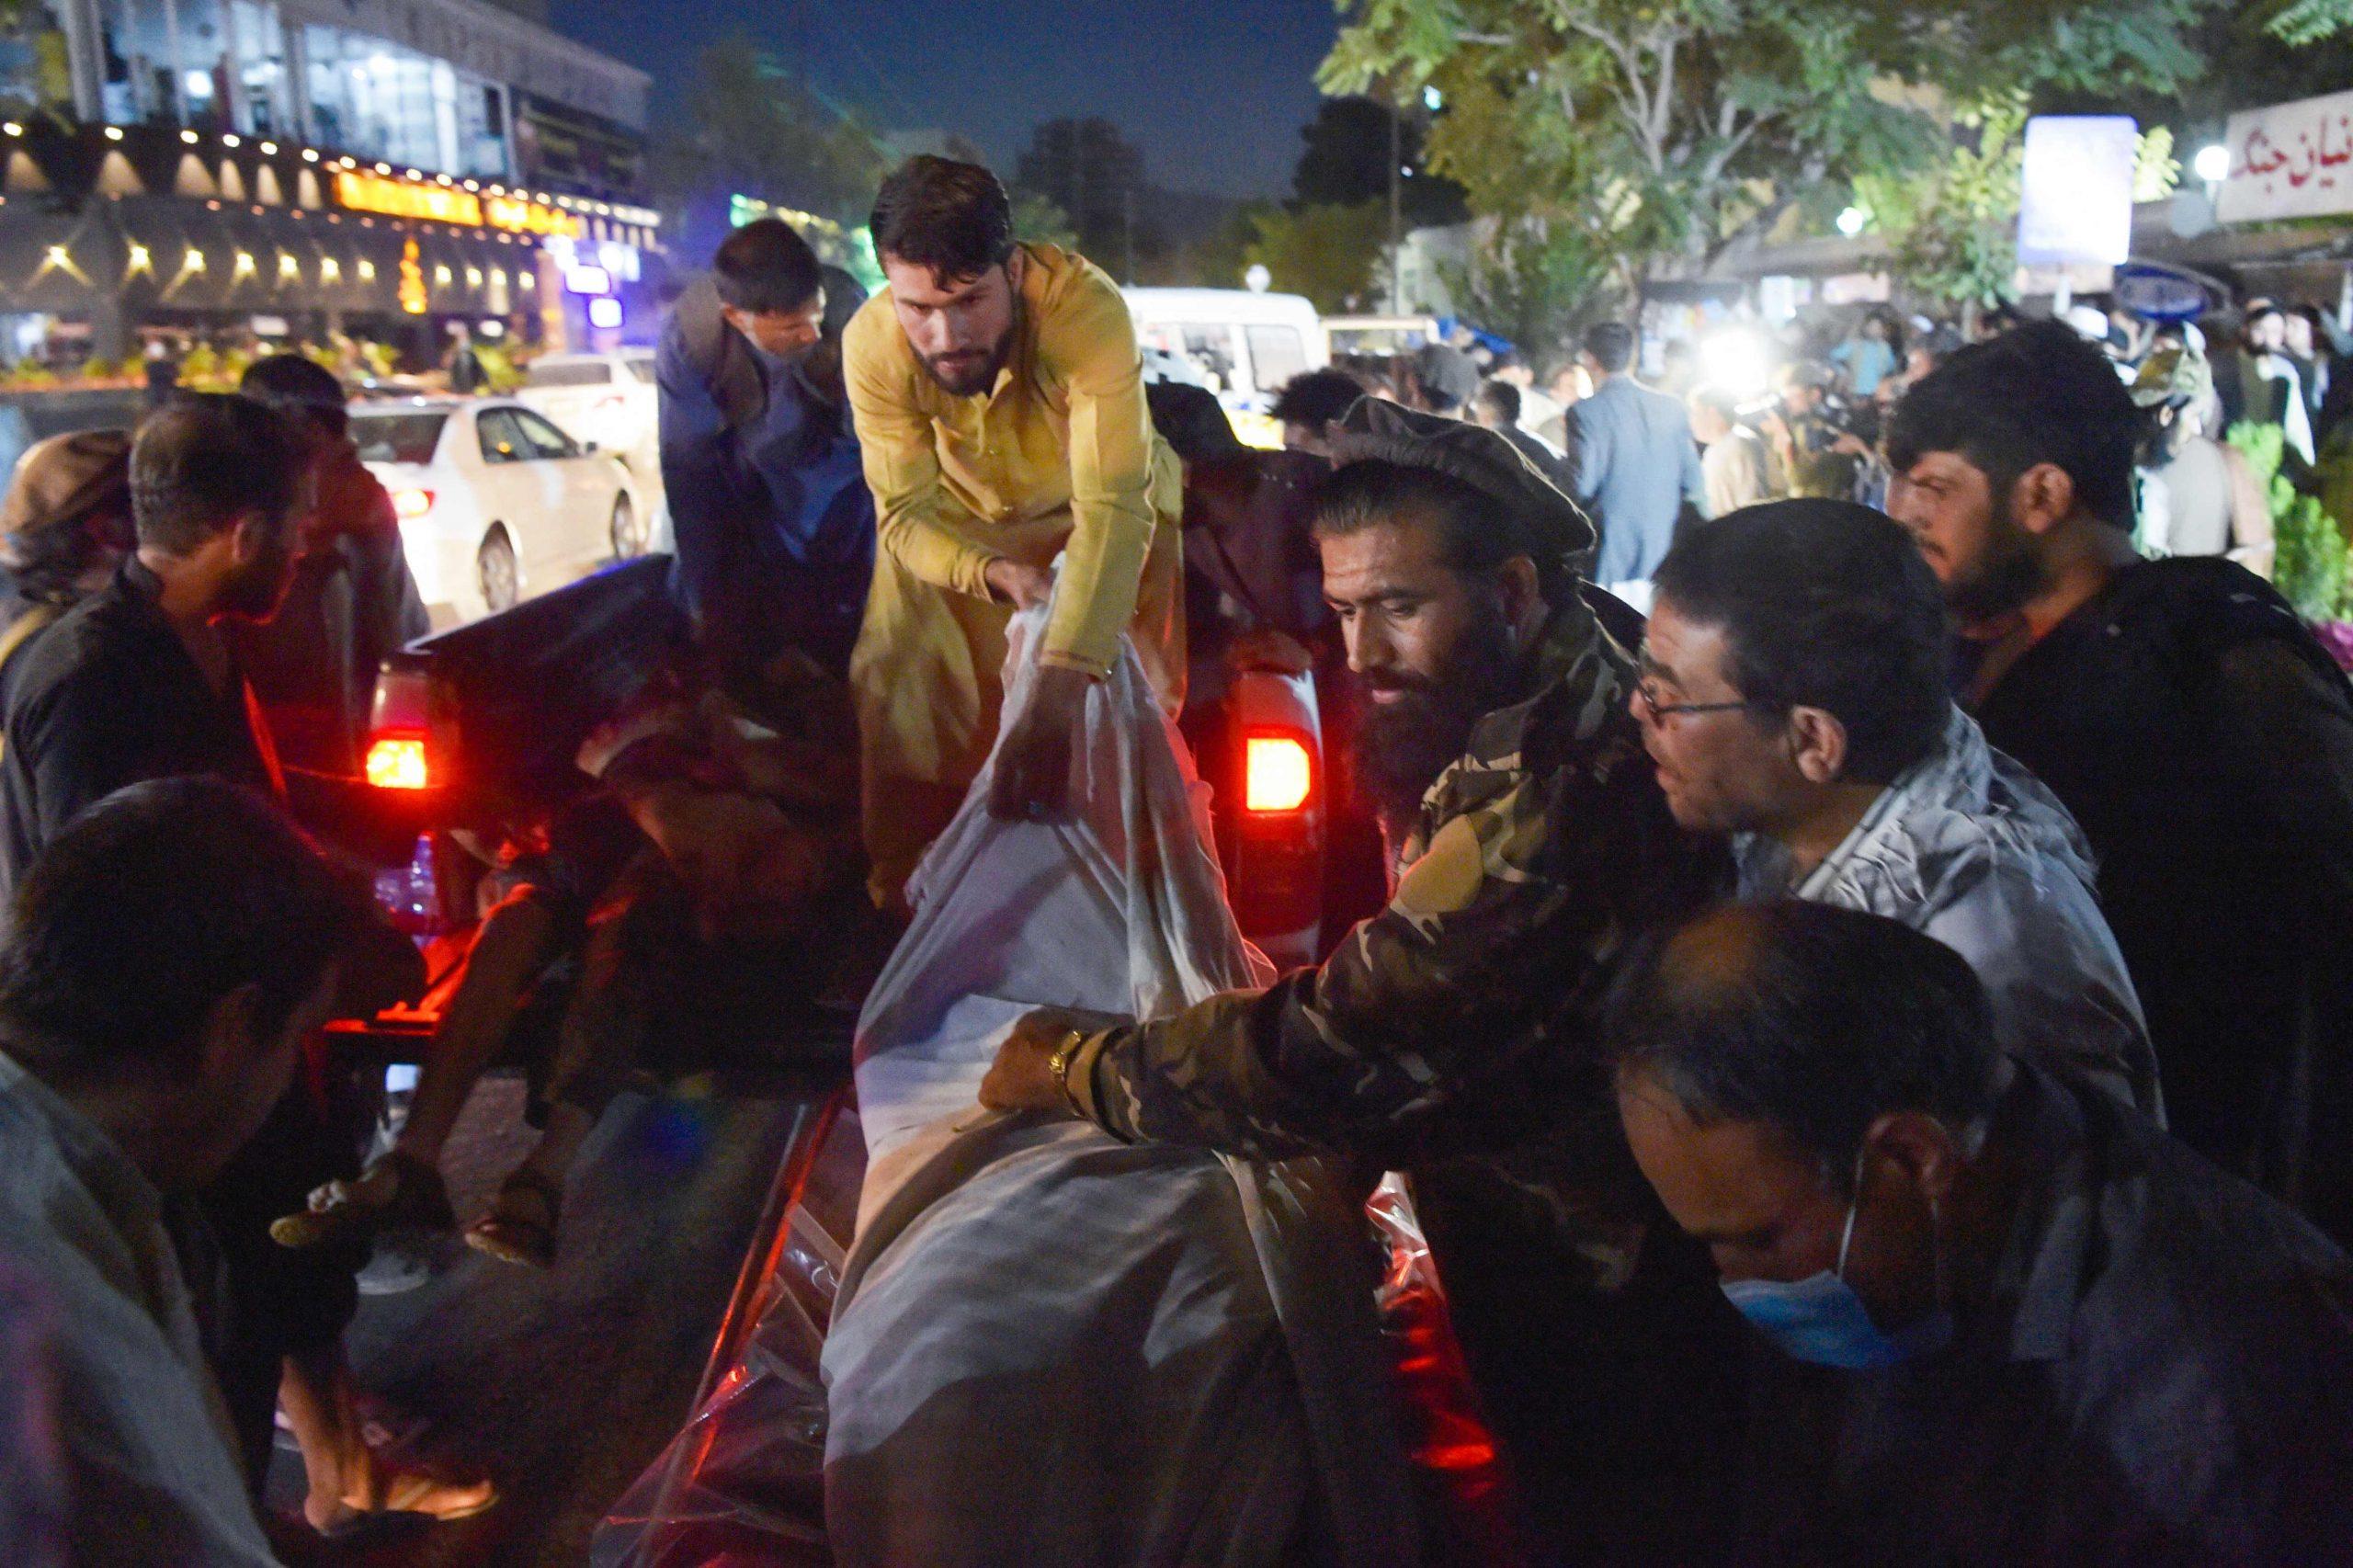 Imágenes crudas del doble ataque al aeropuerto de Kabul (muertos, heridos y evacuaciones por huir del nuevo régimen talibán) - Prensa Libre